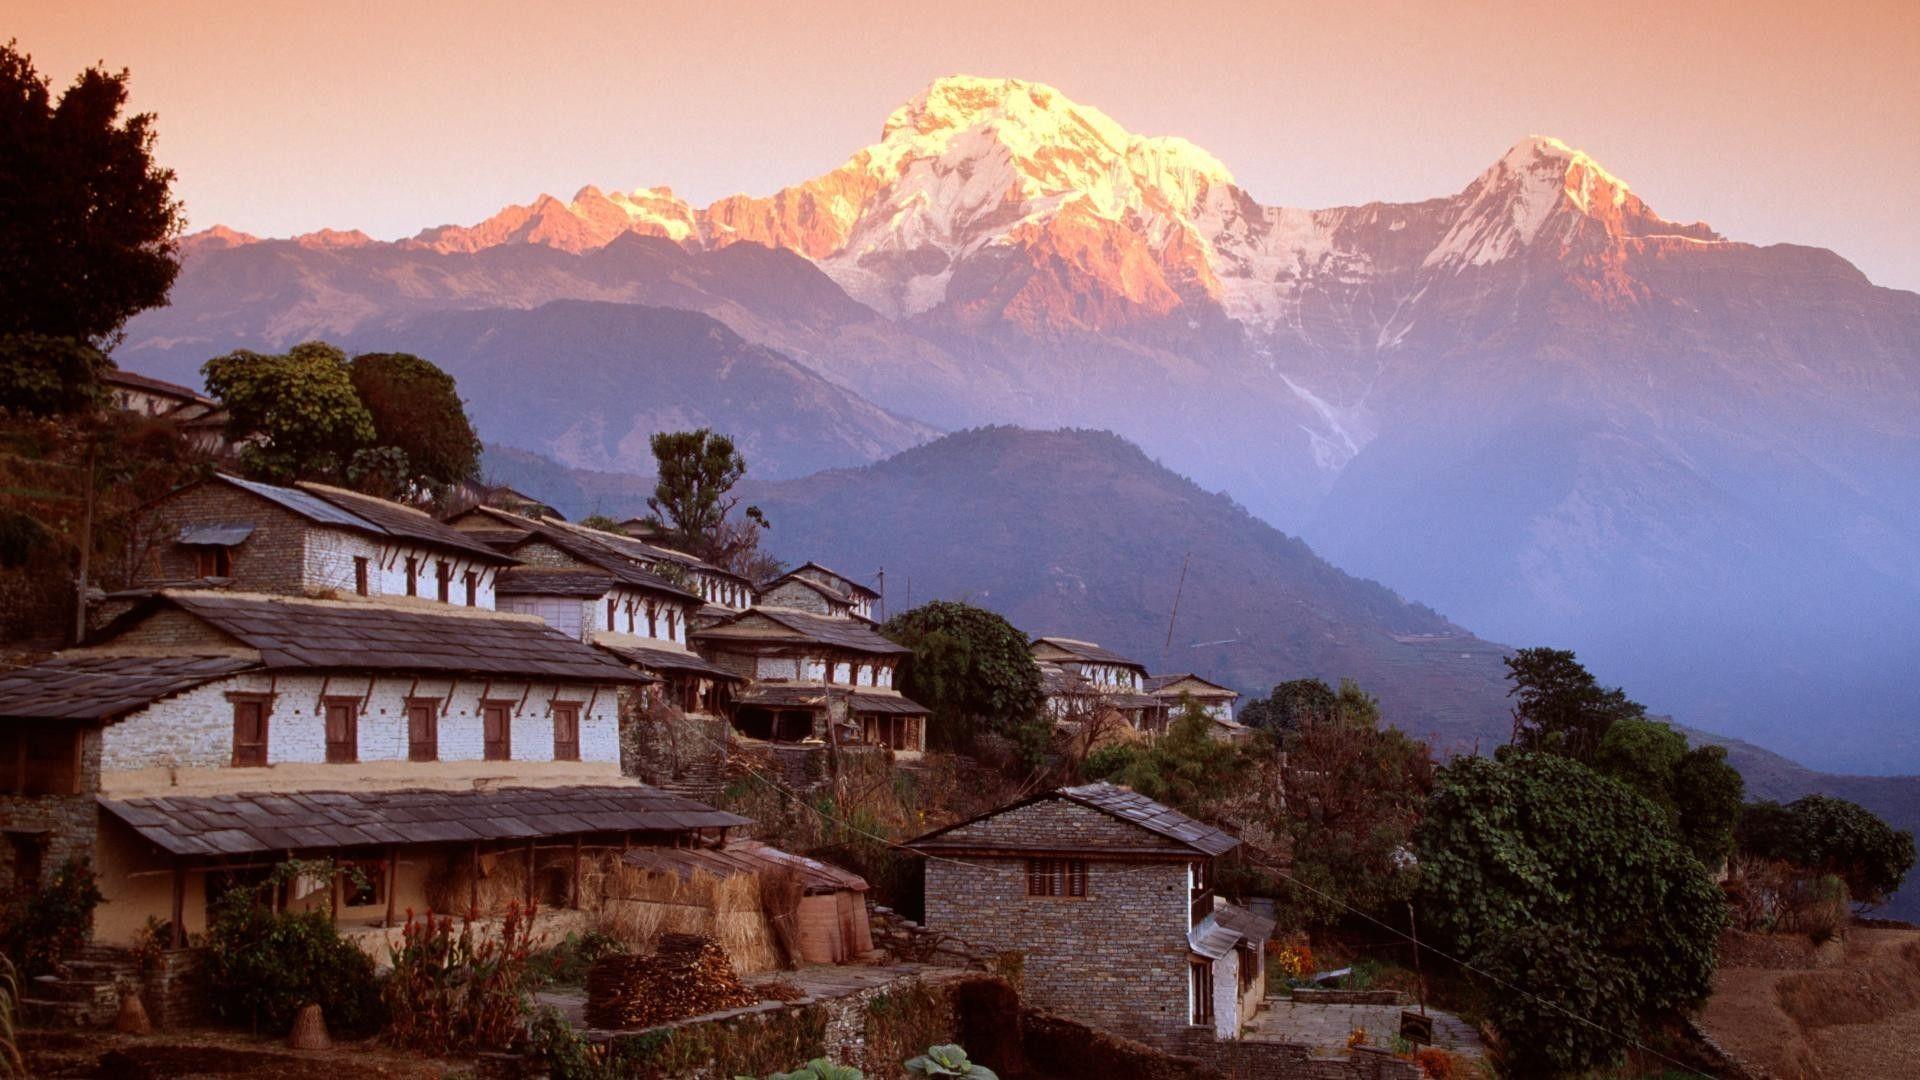 Roshan Thapa